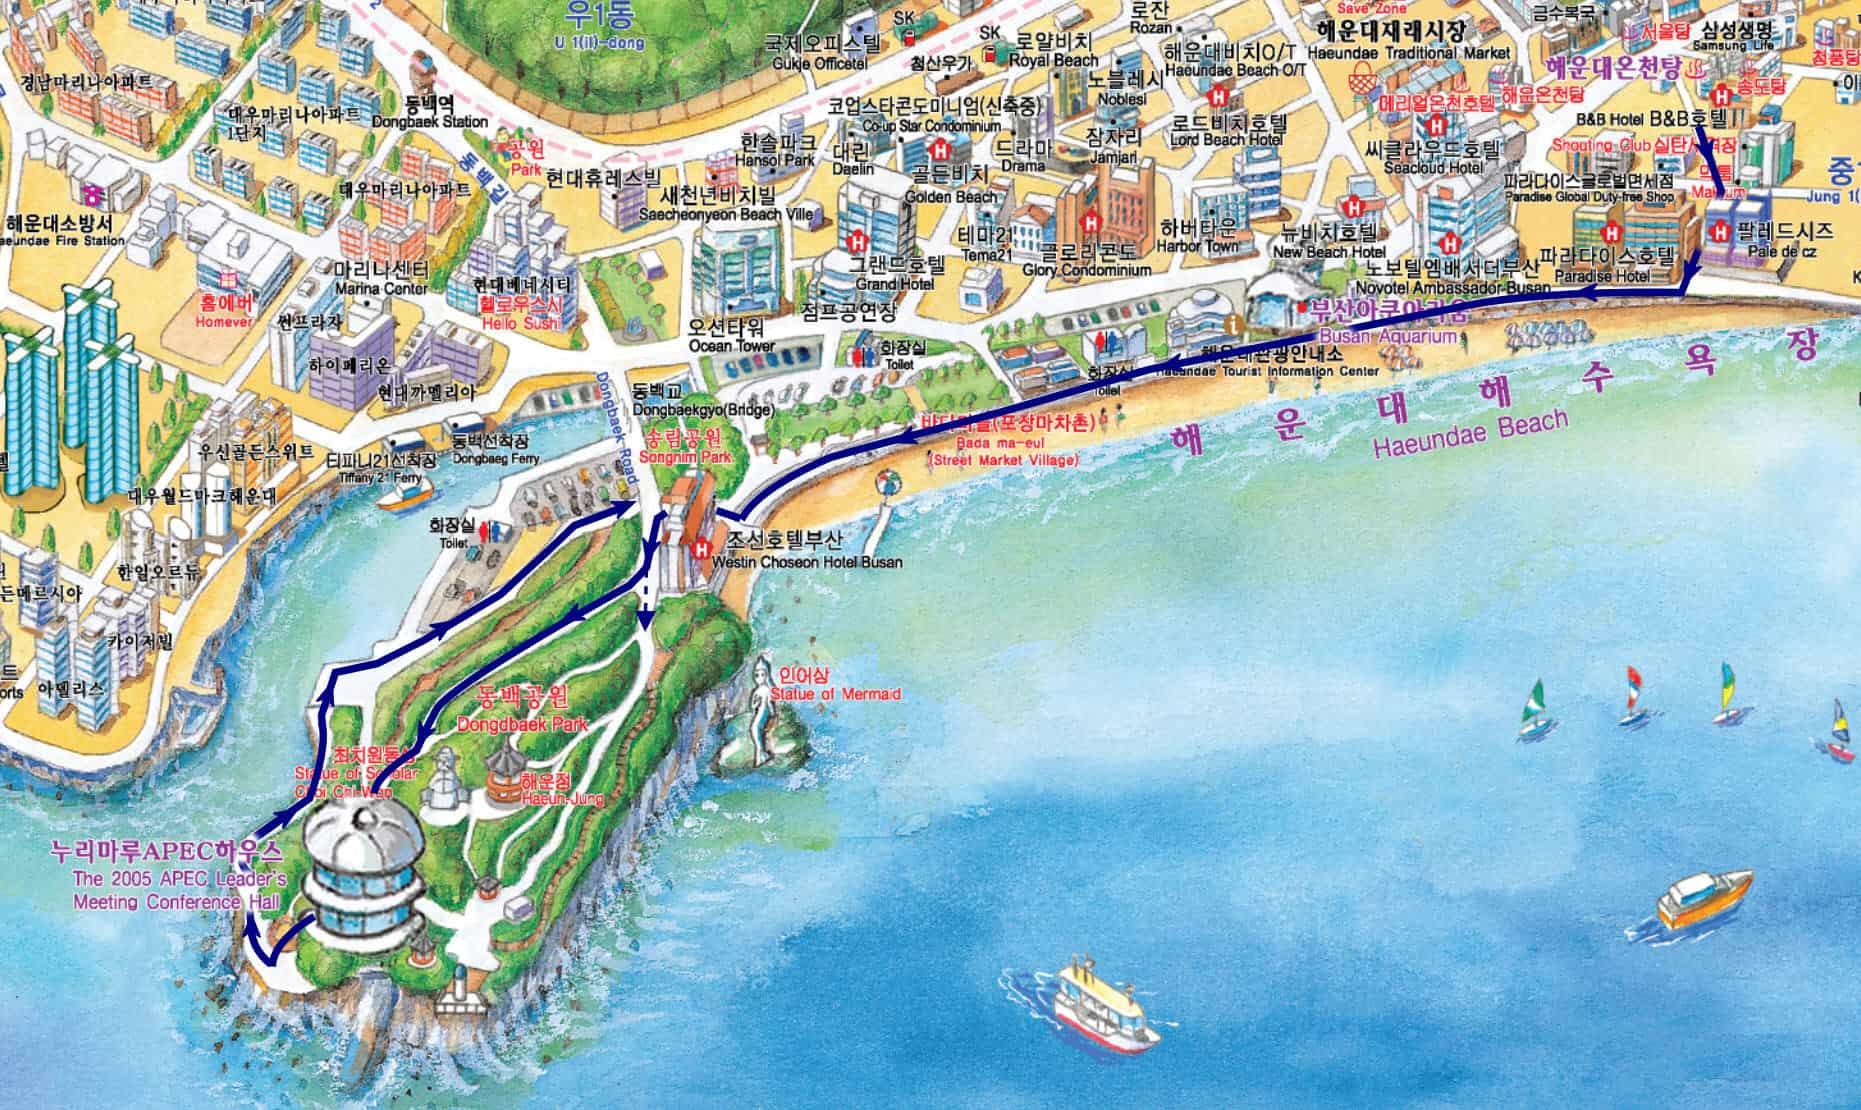 釜山冬栢島步行路線地圖